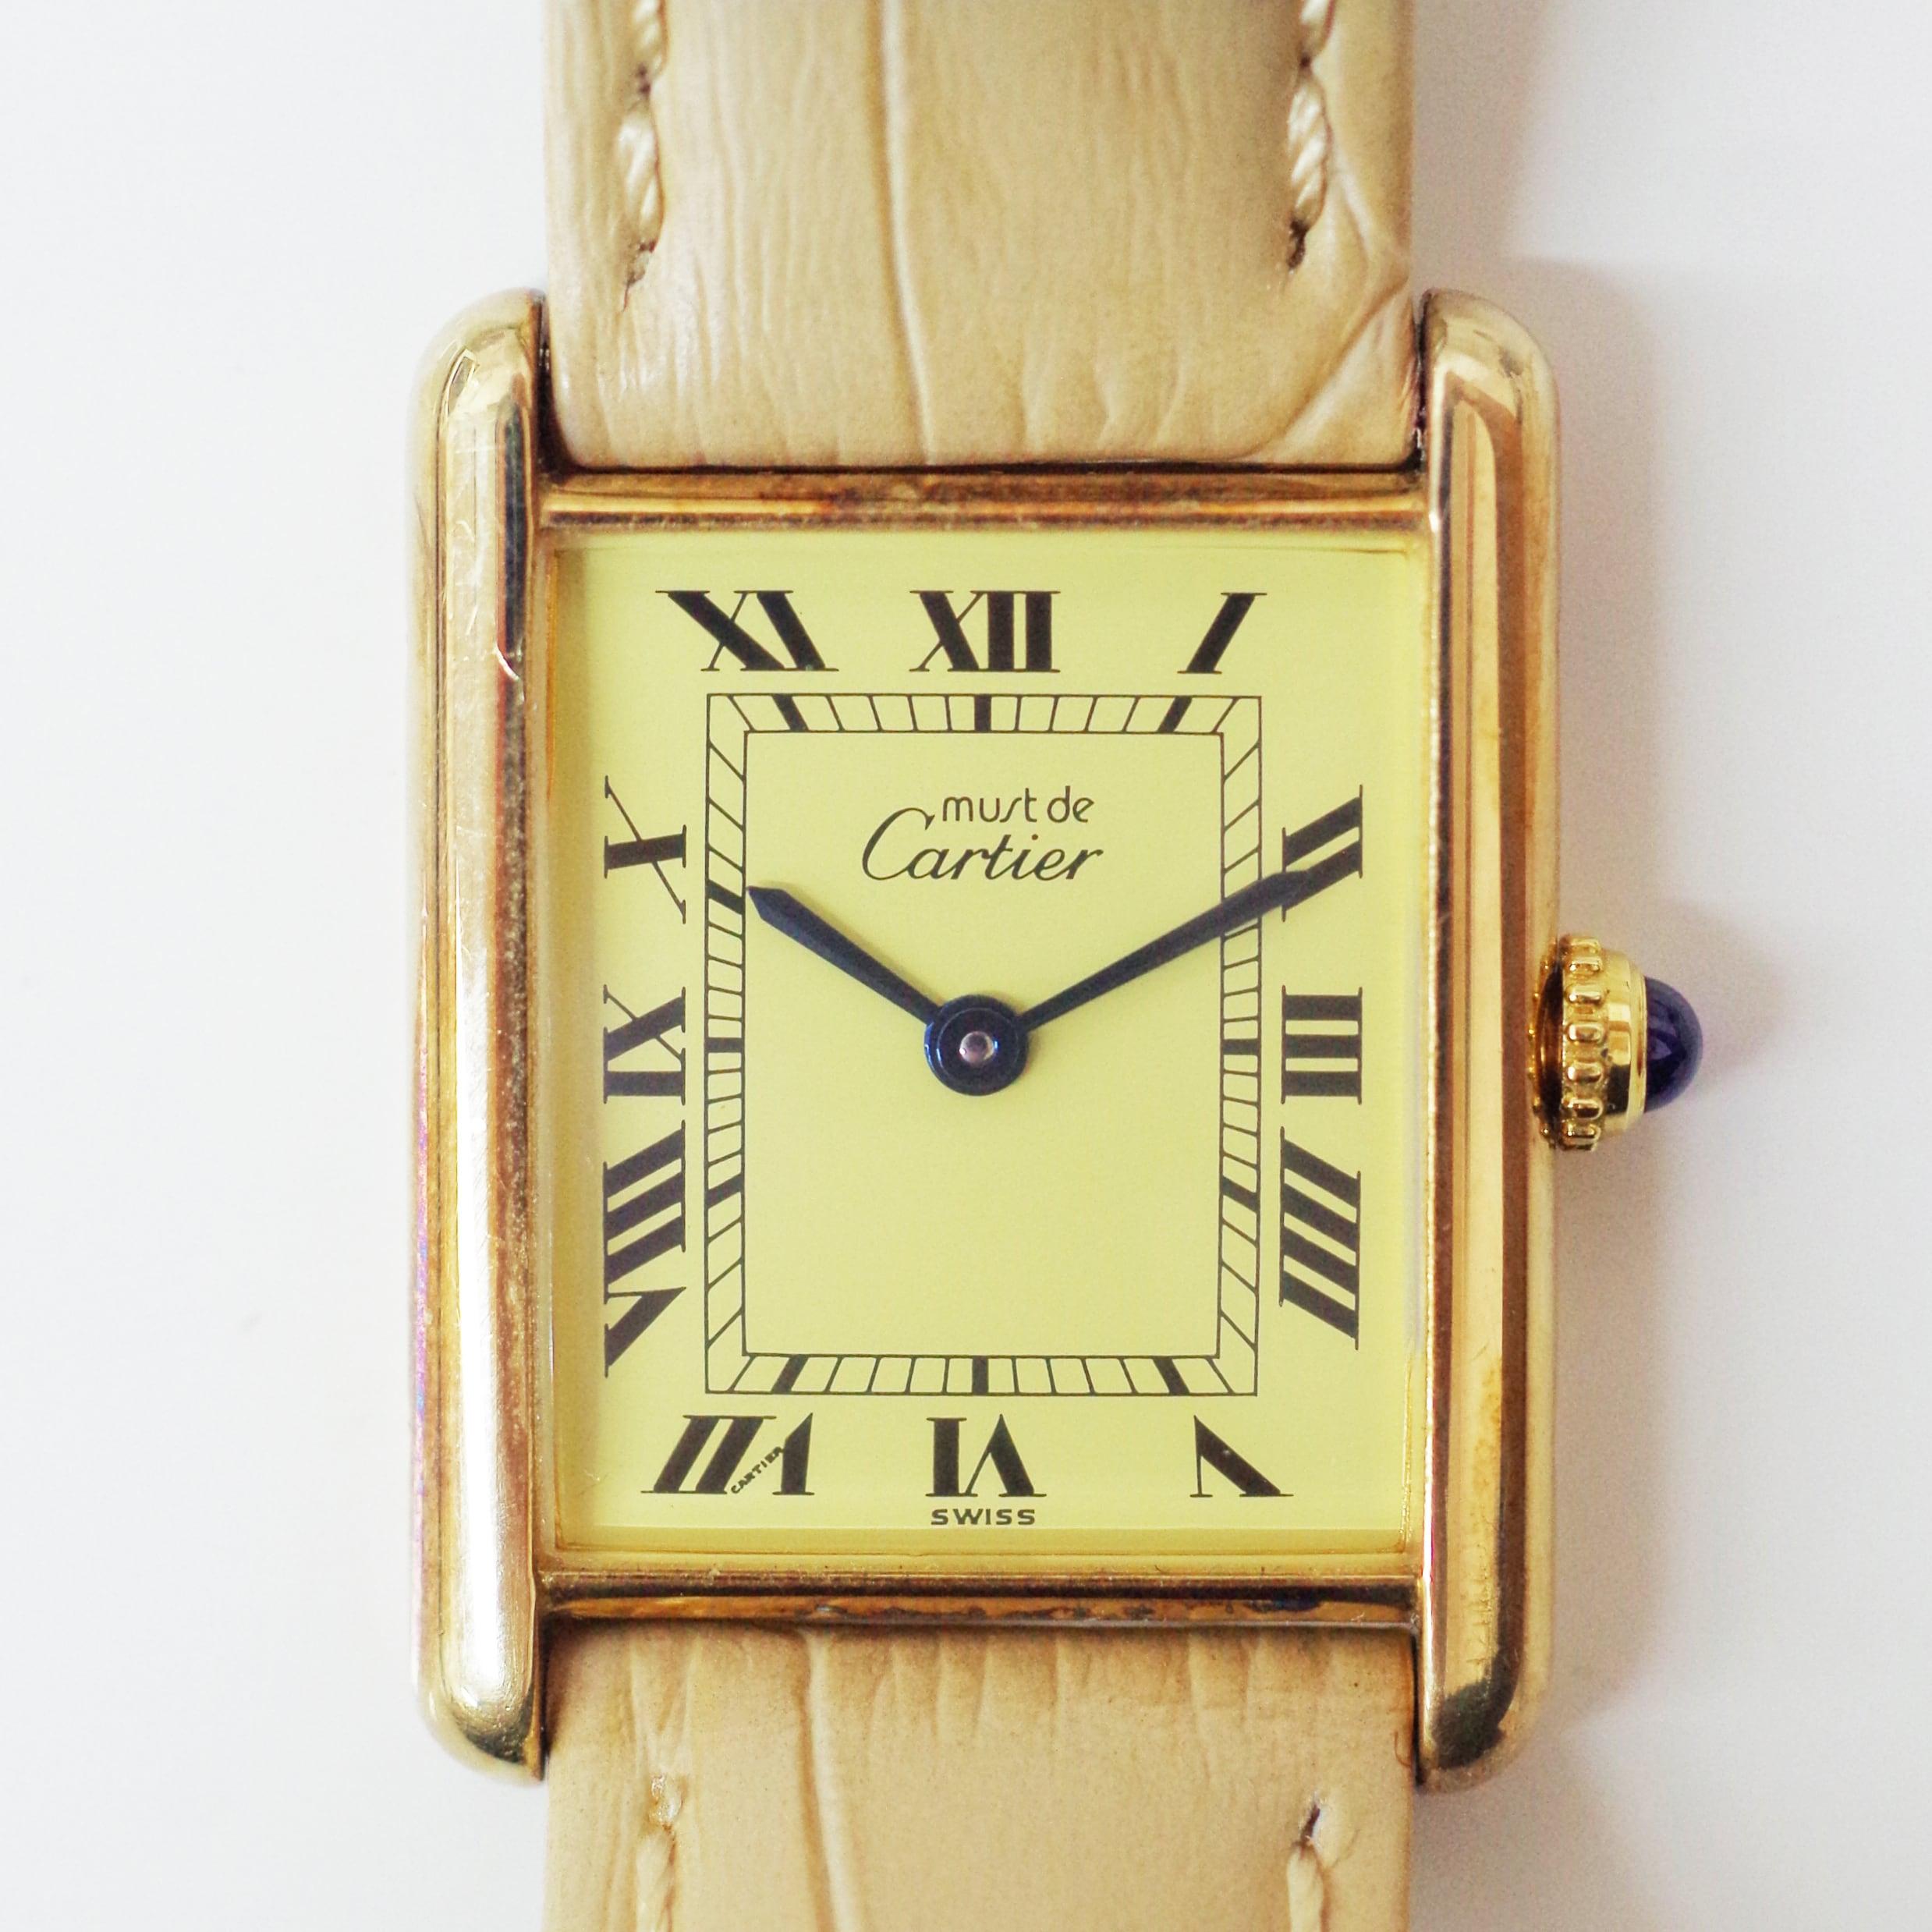 Cartier カルティエ マストタンク ヴェルメイユ クオーツ アイボリー シルバー925 革ベルト 腕時計 レディース